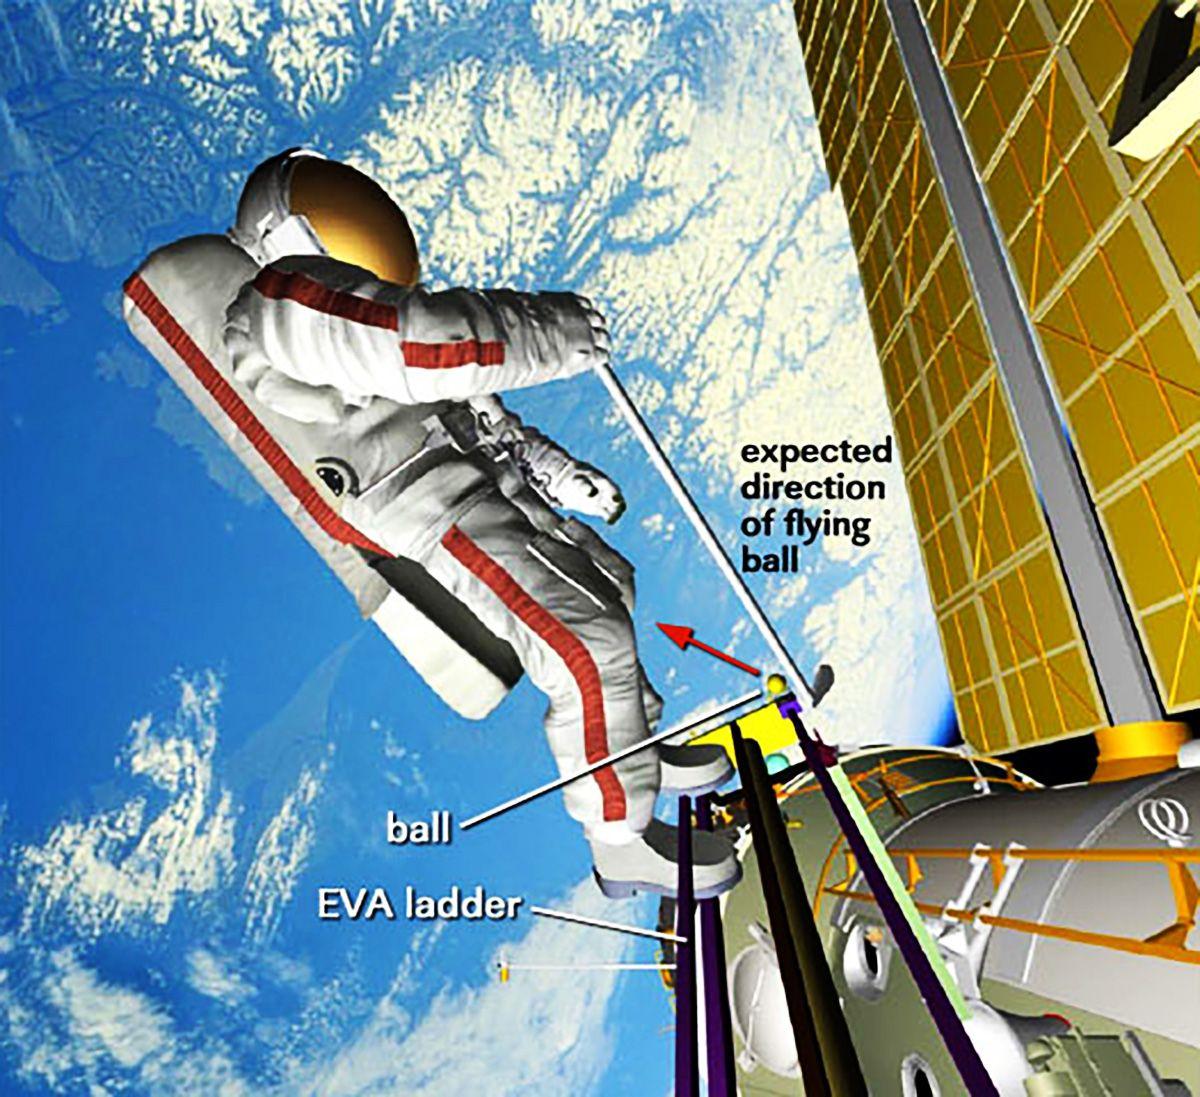 Golfschlag von der Raumstation ISS geplant